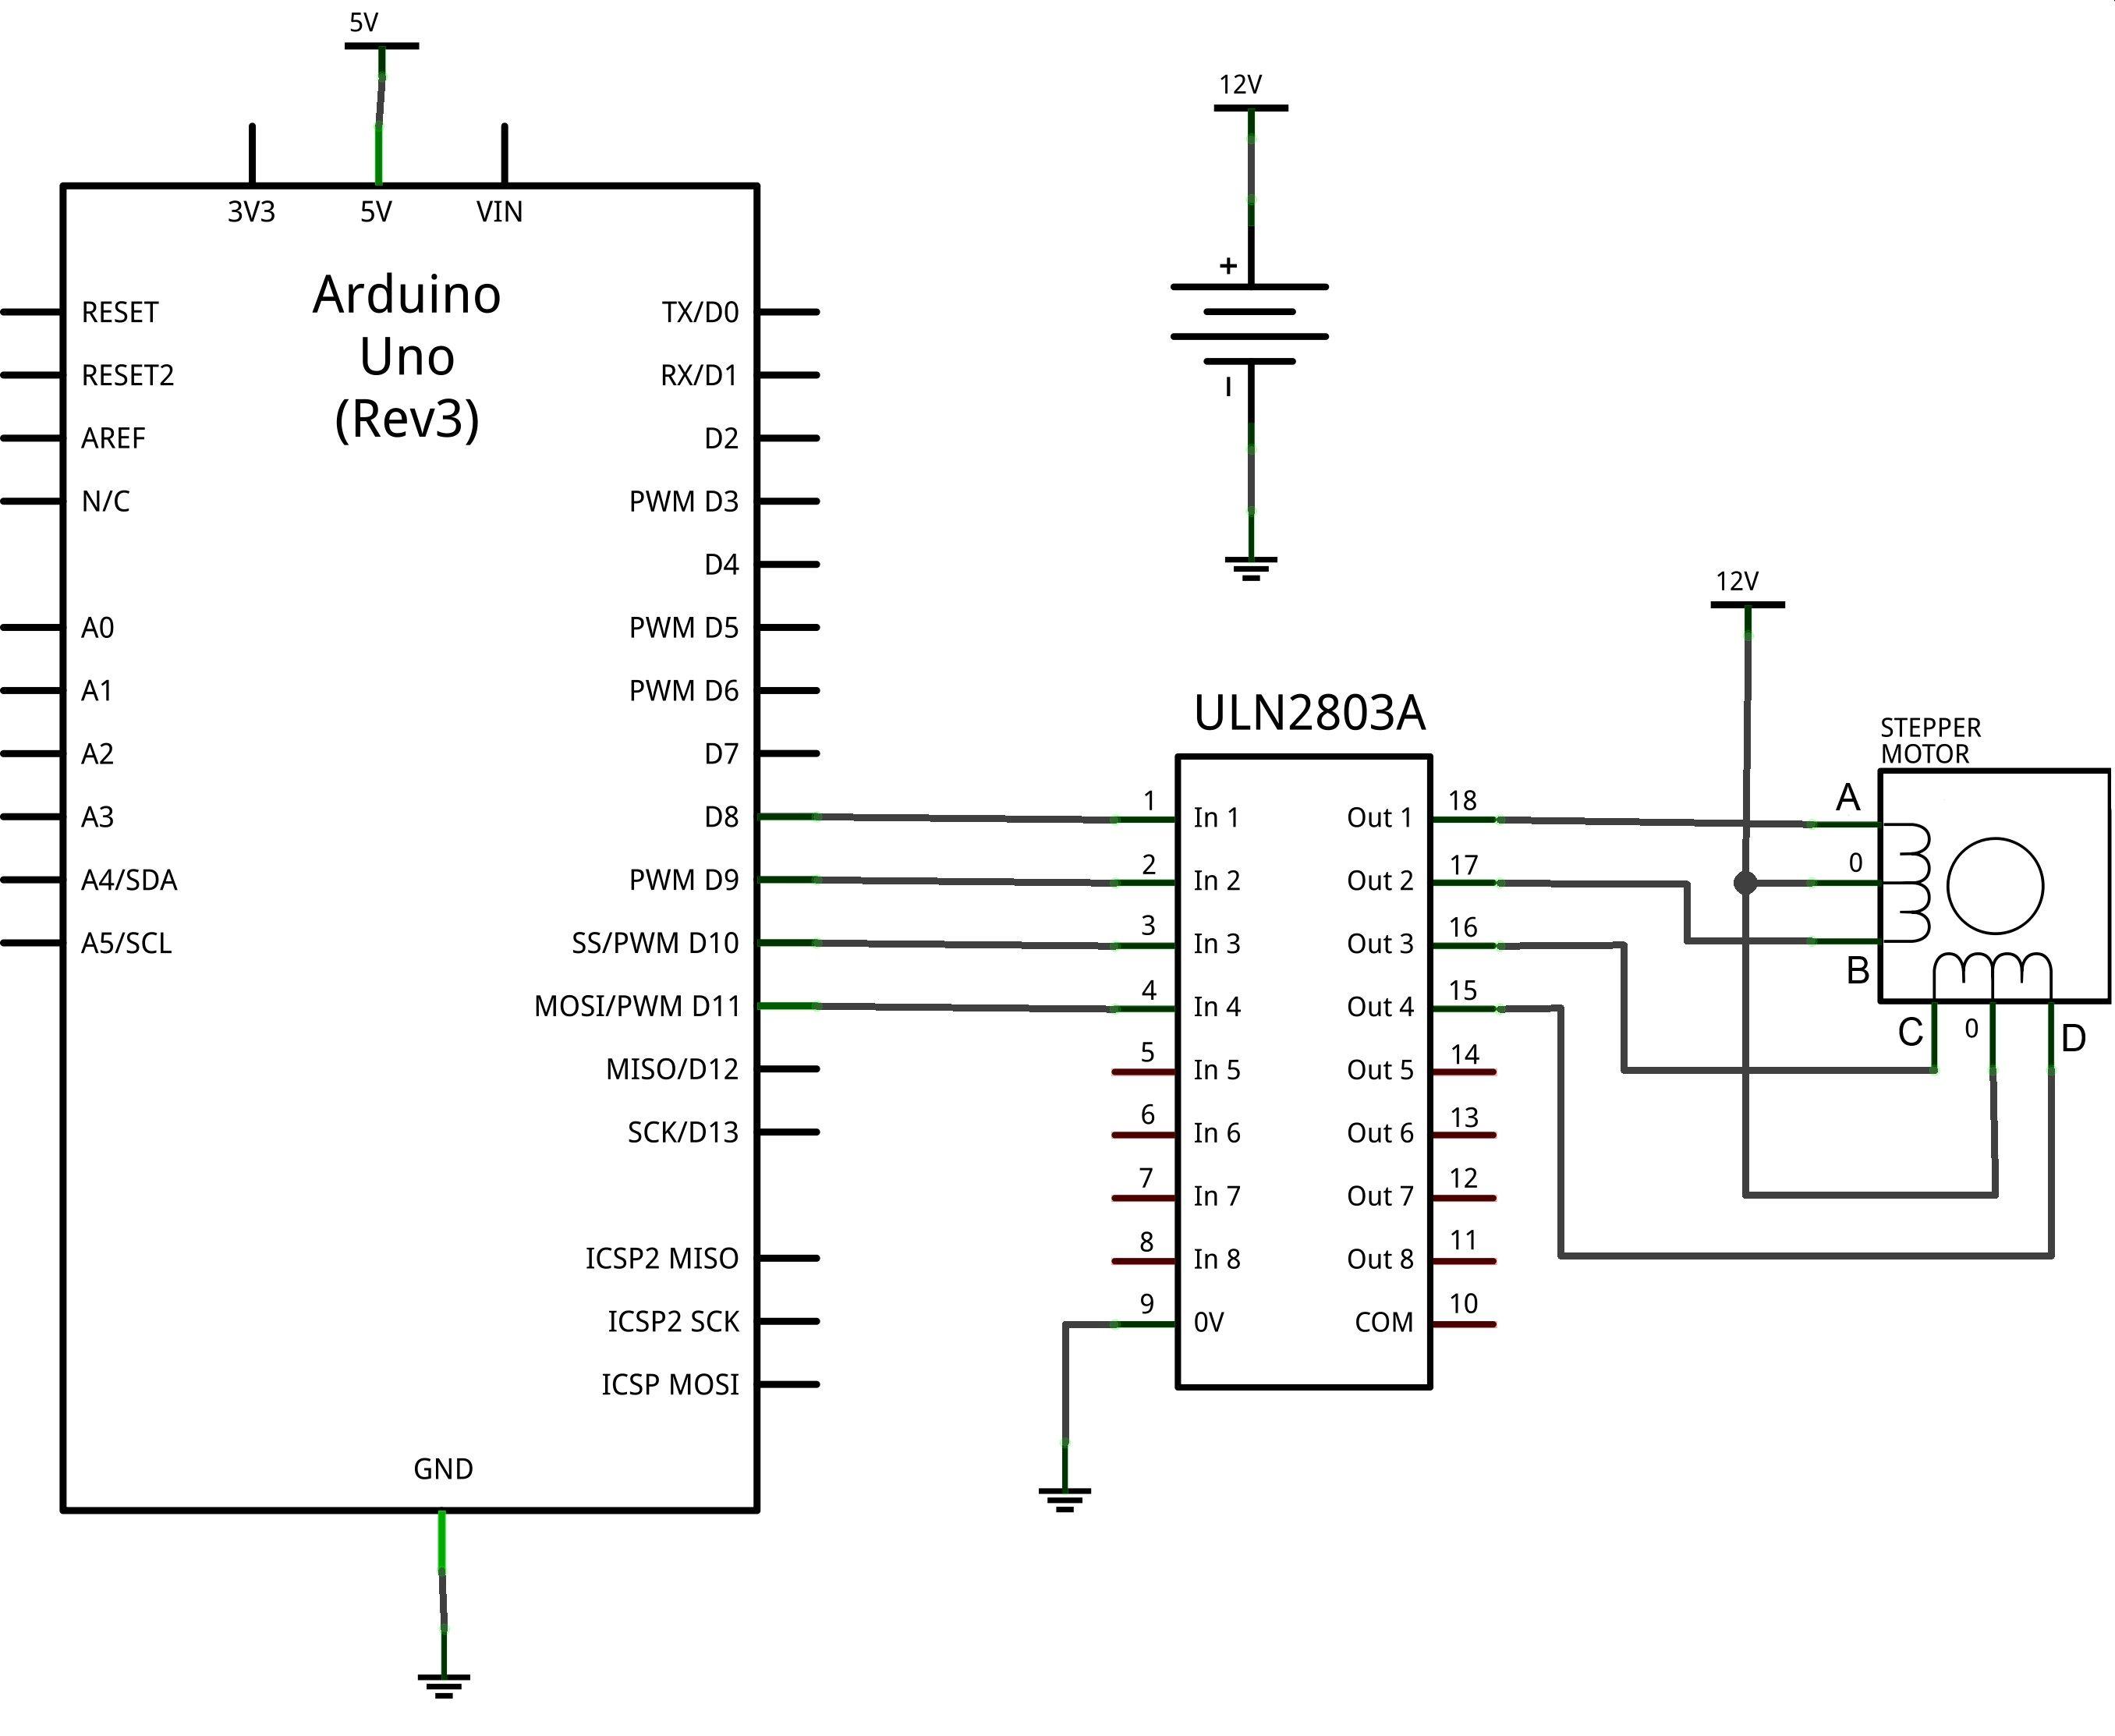 mover motores paso a paso unipolar con arduino y uln2803a diymakers [ 2712 x 2226 Pixel ]